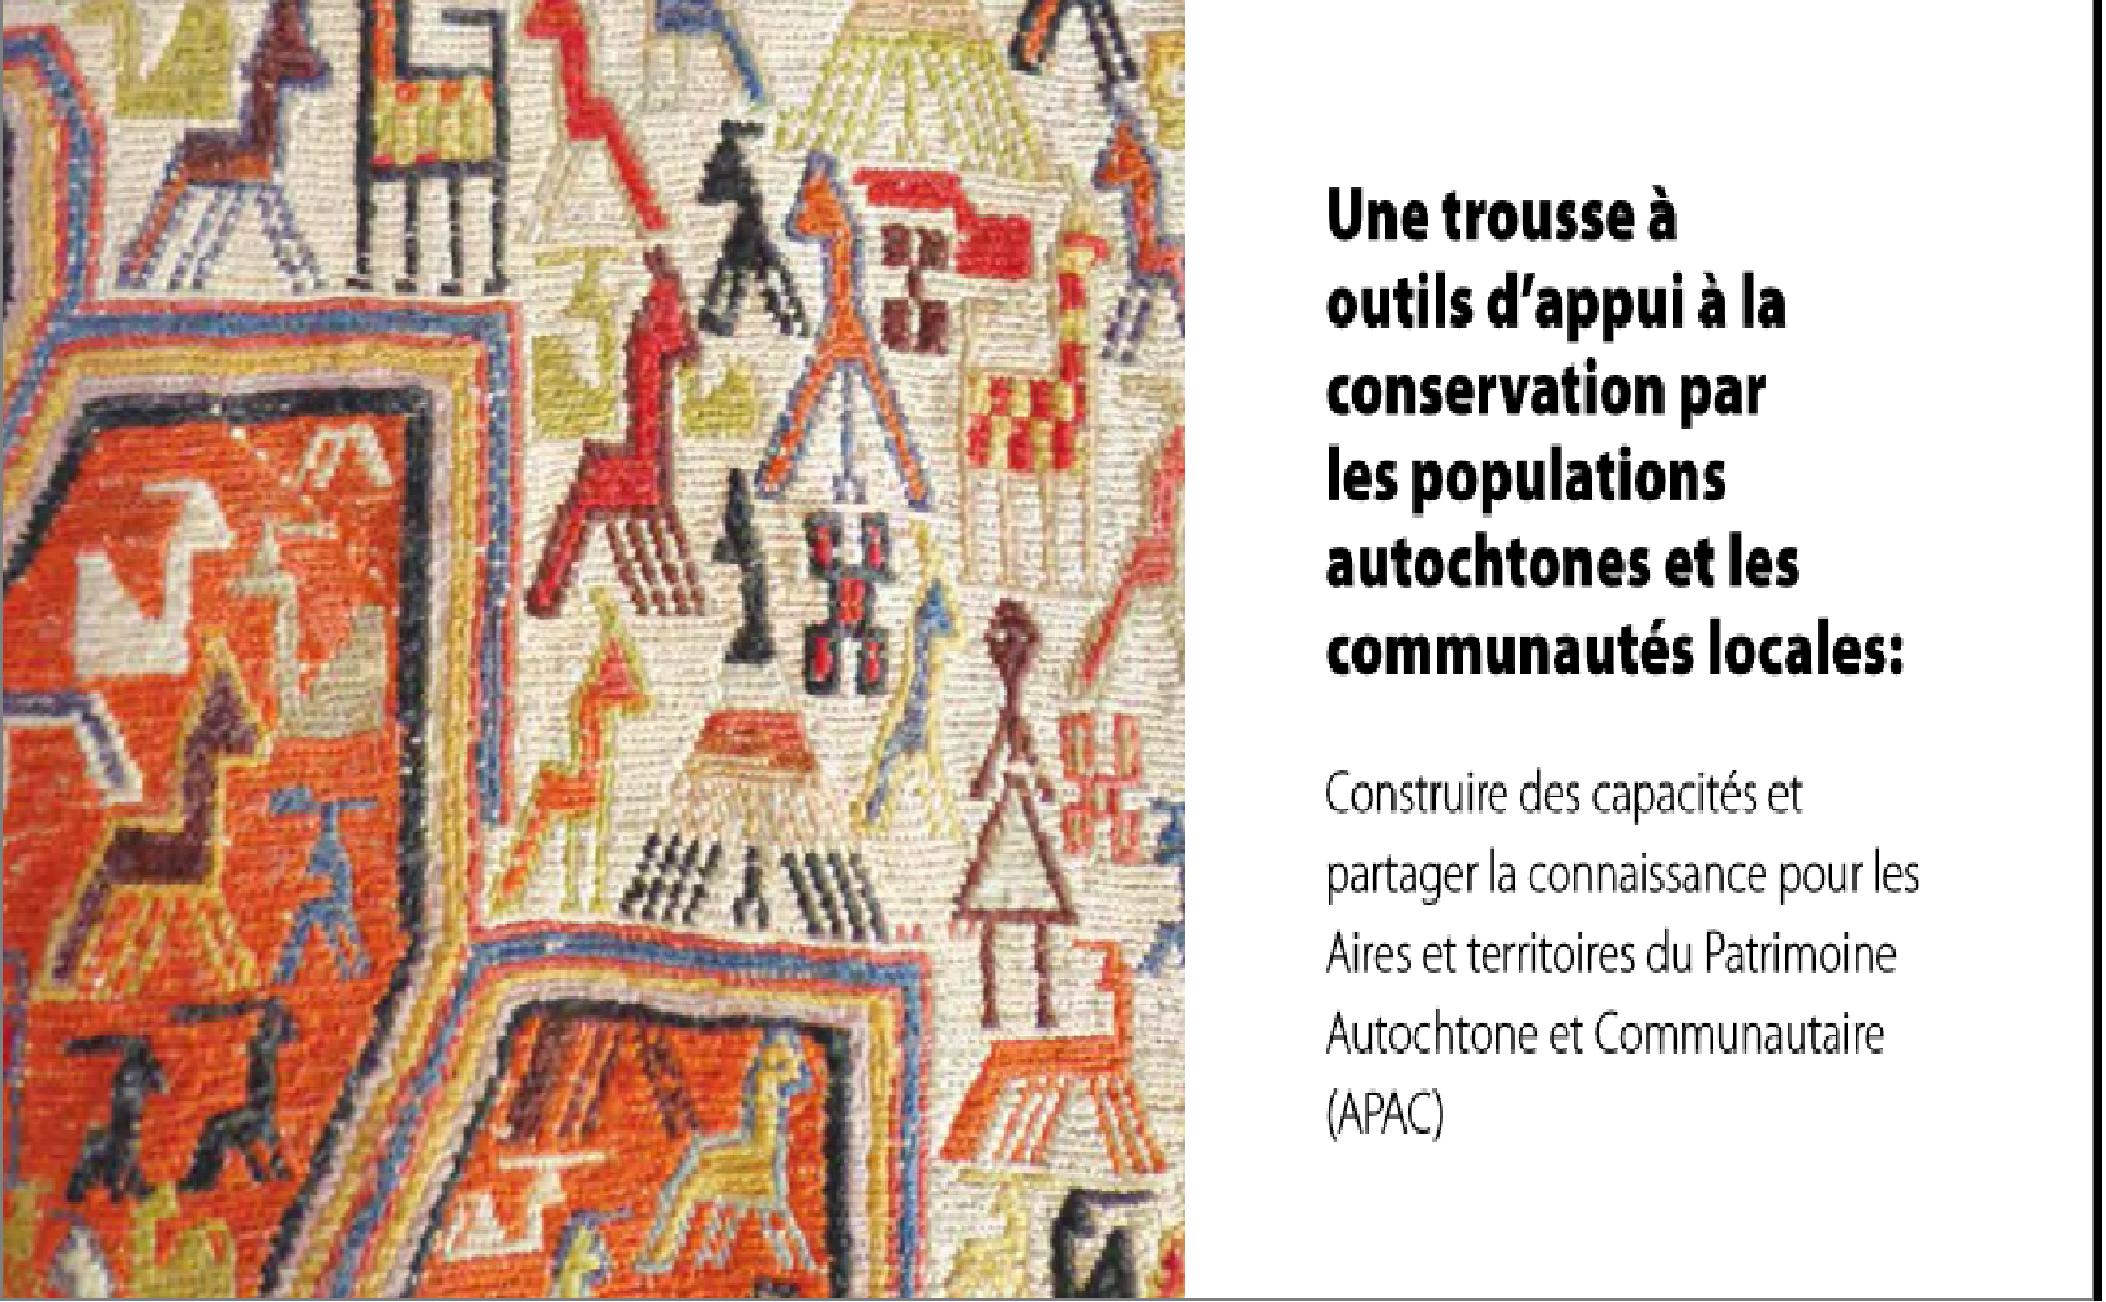 Une trousse à outils d'appui à la conservation par les populations autochtones et les communautés locales (French version of ICCA Toolkit)